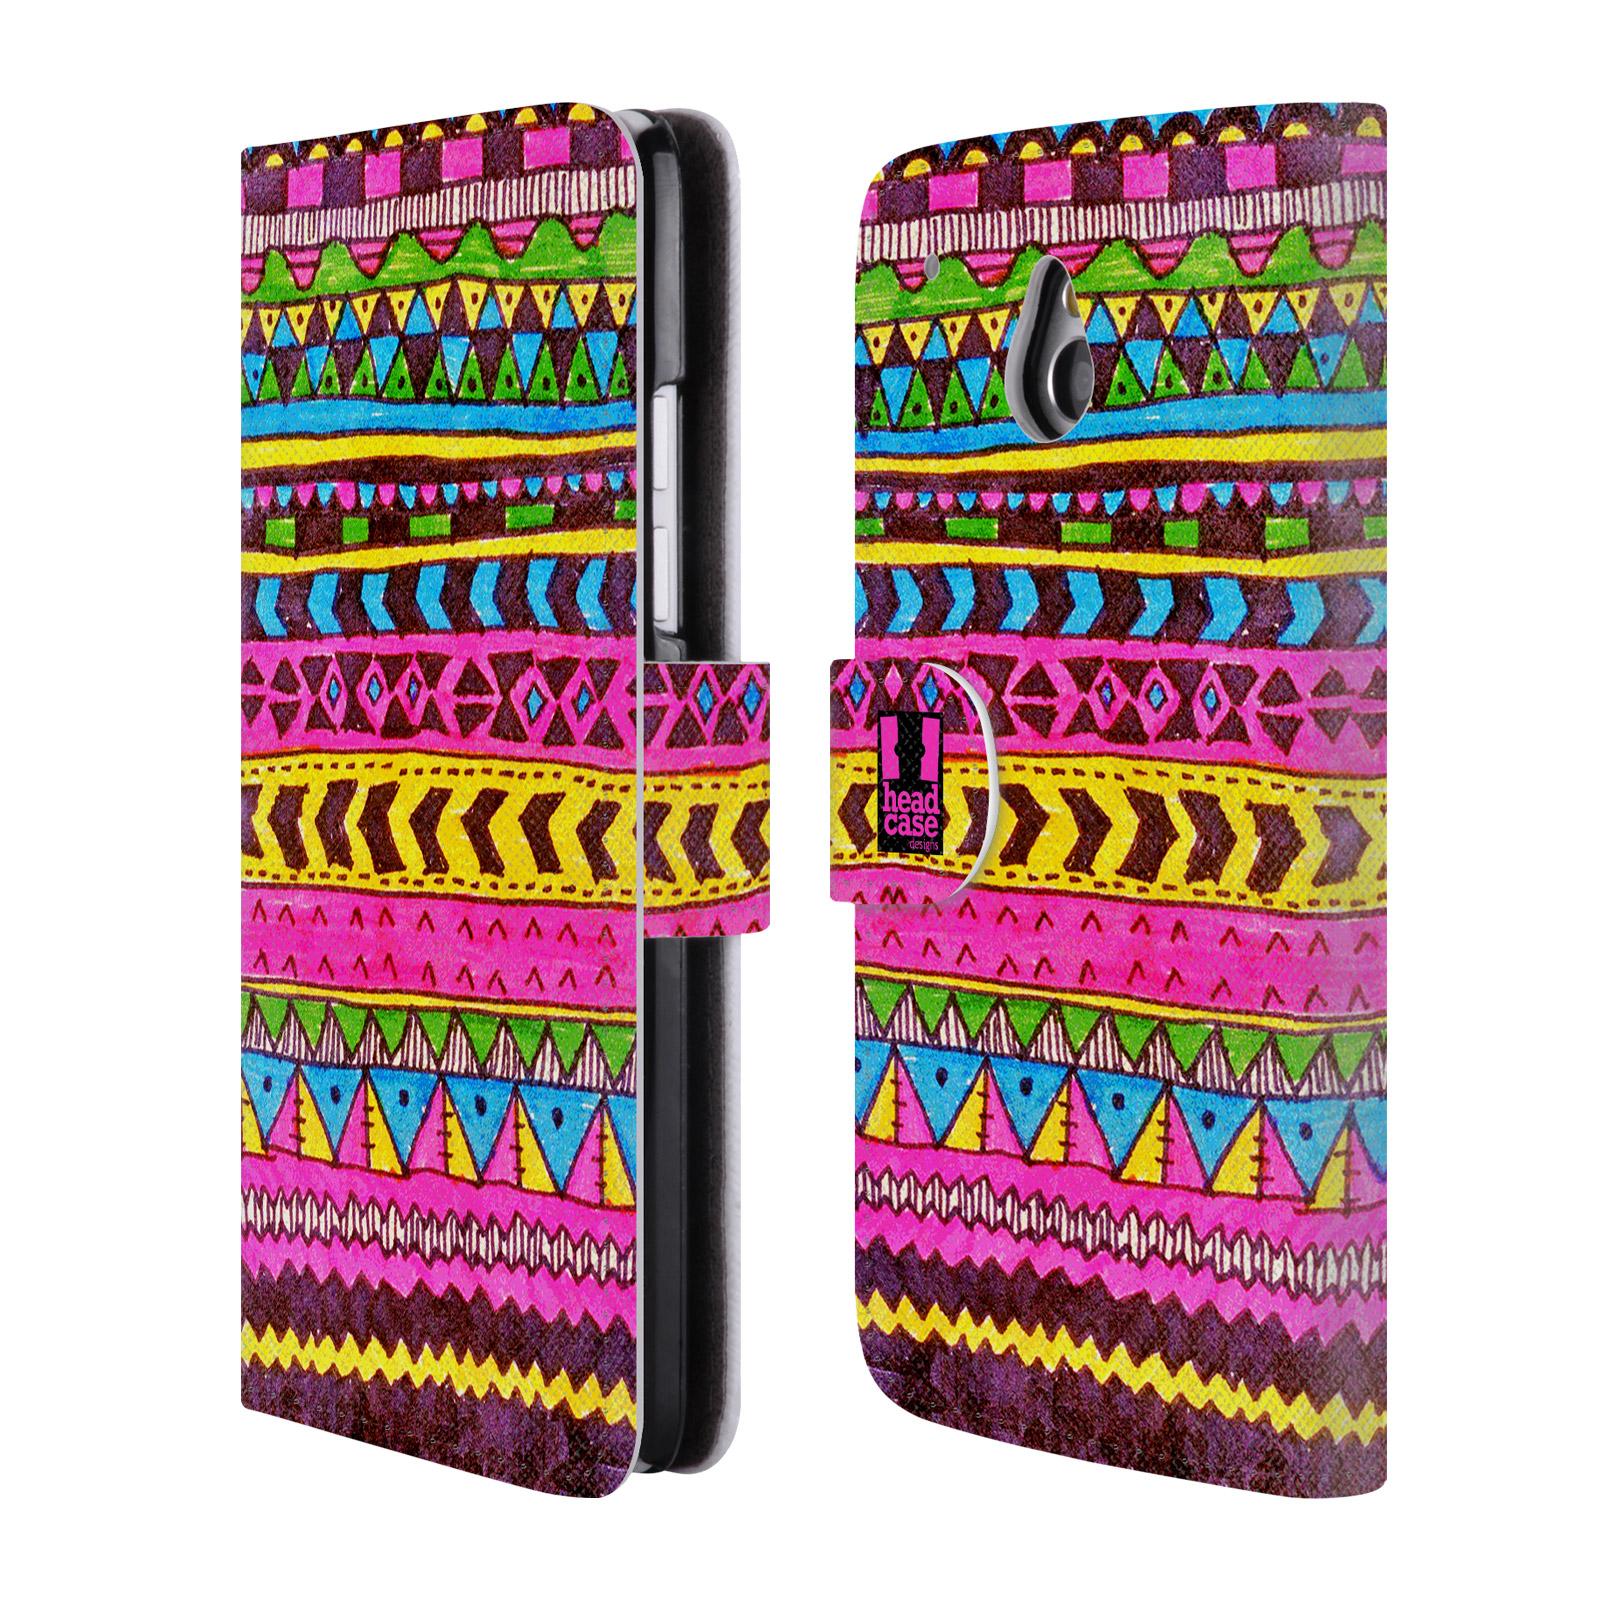 HEAD CASE Flipové pouzdro pro mobil HTC ONE MINI (M4) Barevná aztécká čmáranice růžová